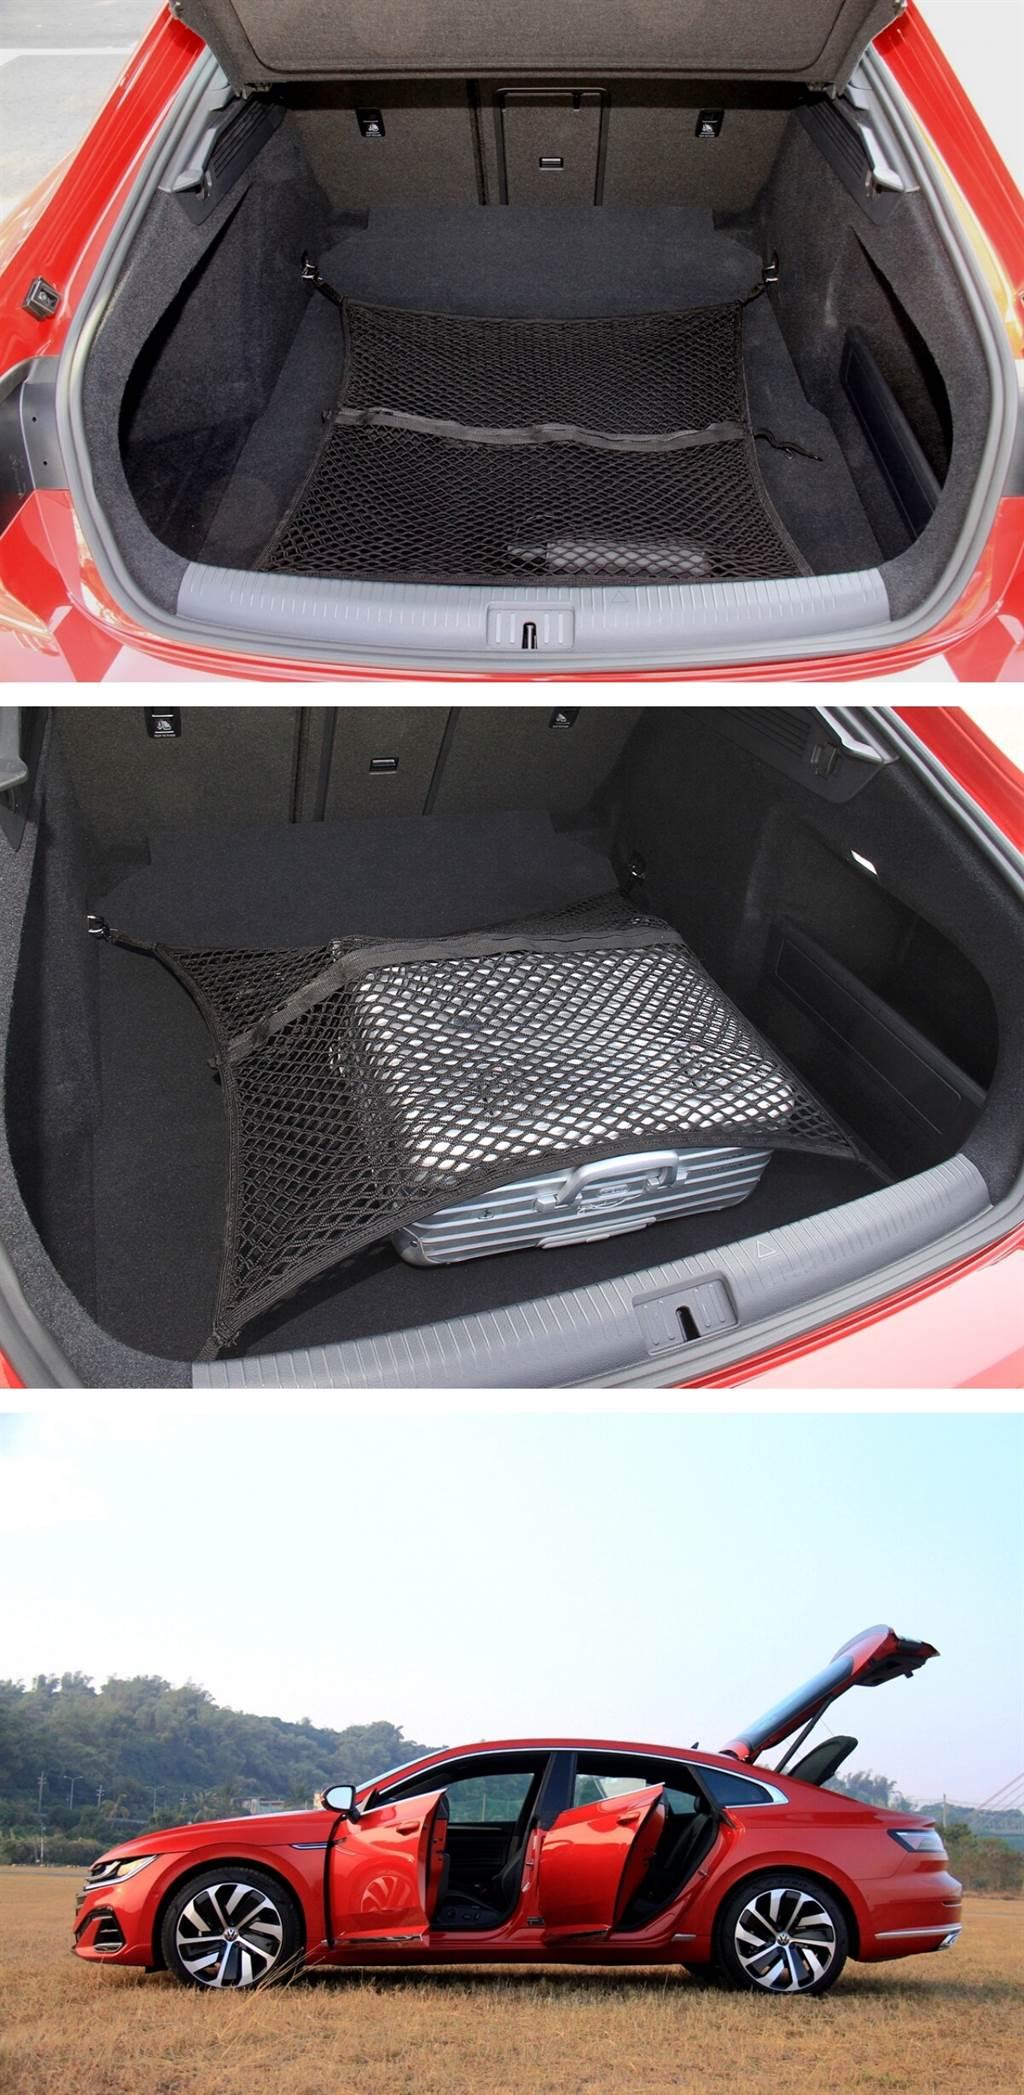 Fastback車型尾門為掀背式開啟,取放物品能比Sedan車型有更佳的便利度。